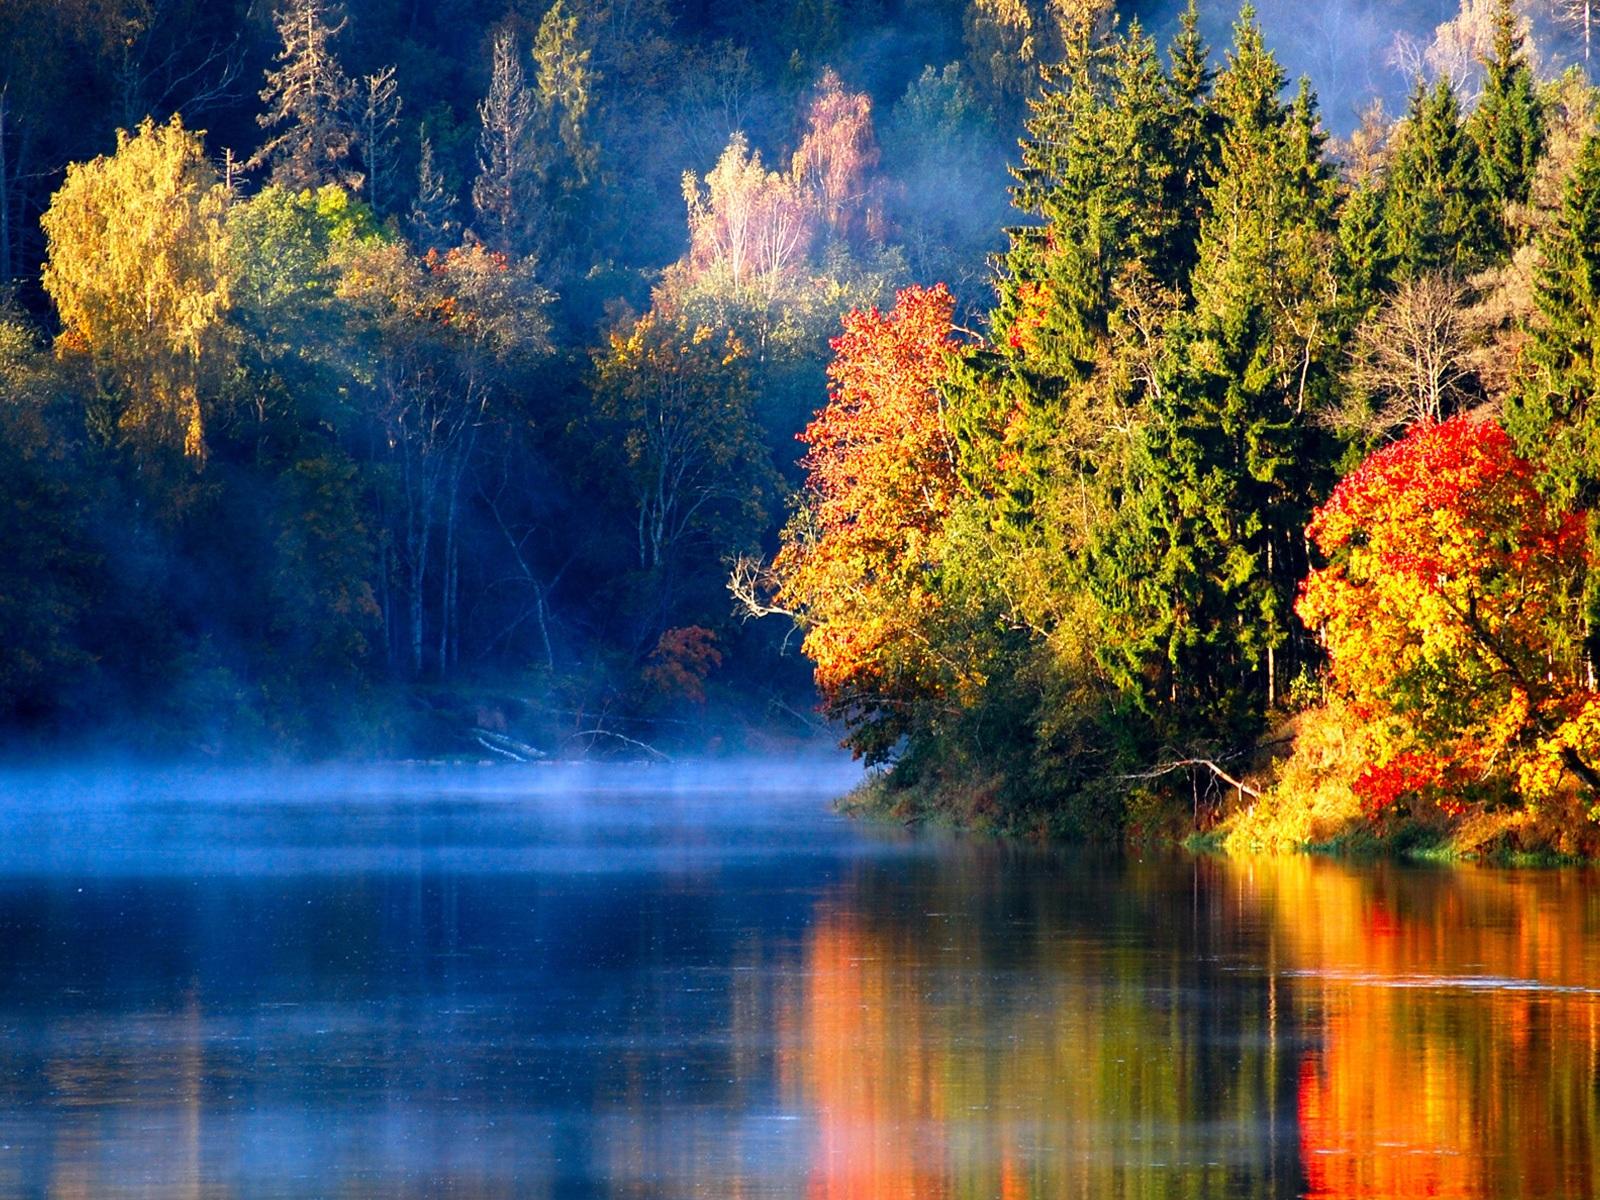 foto de Fonds d'écran Letton forêt d'automne rivière brume du